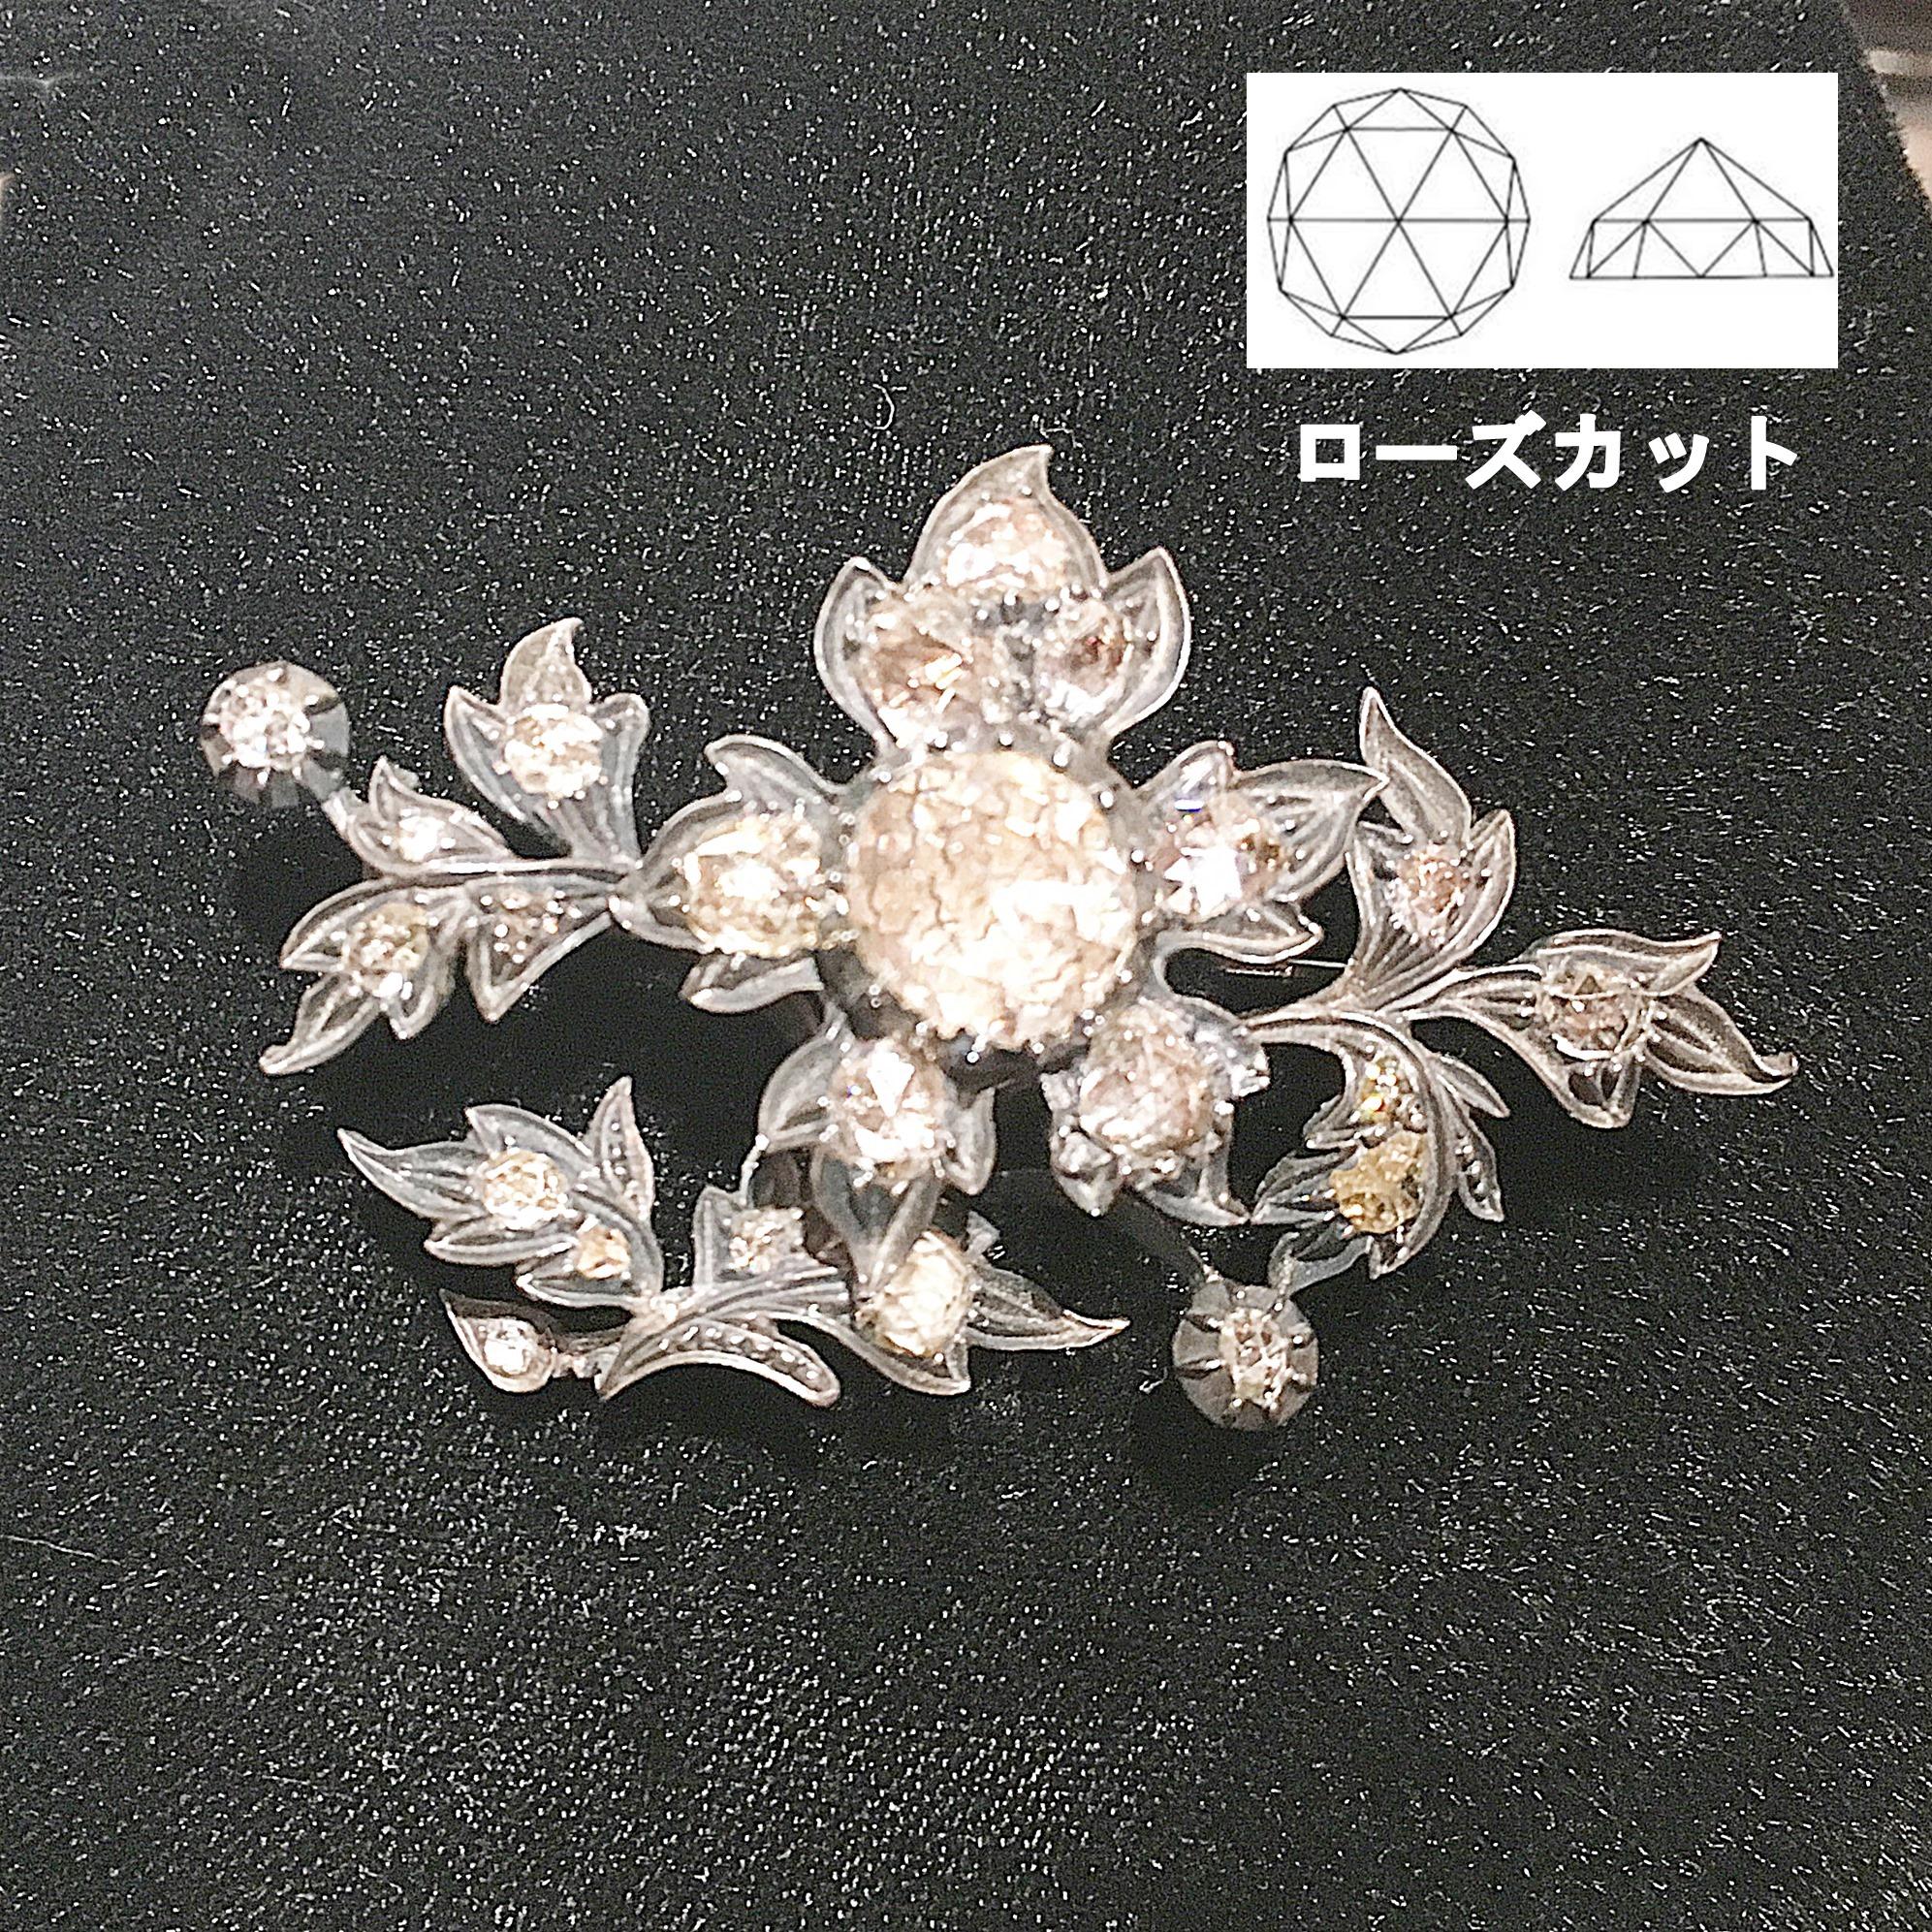 http://antique-museum.com/ajmblog/20171030-1-1.JPG